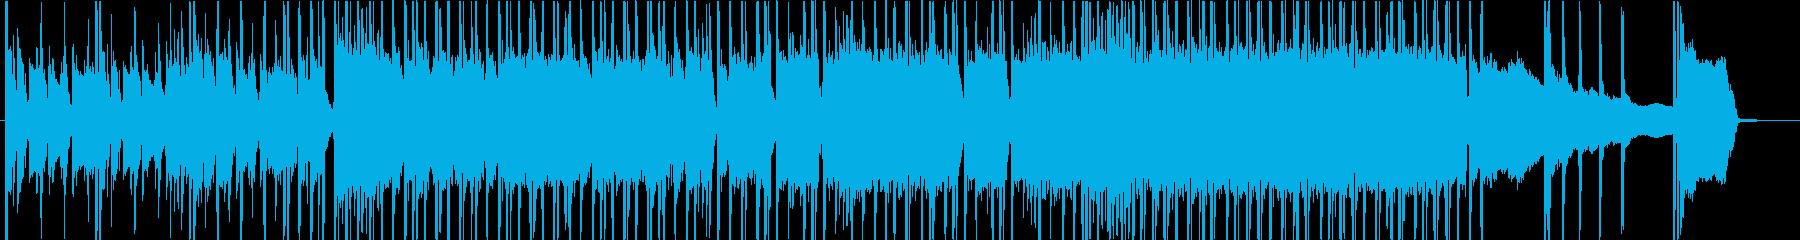 疾走感のあるパワフルなロックの再生済みの波形